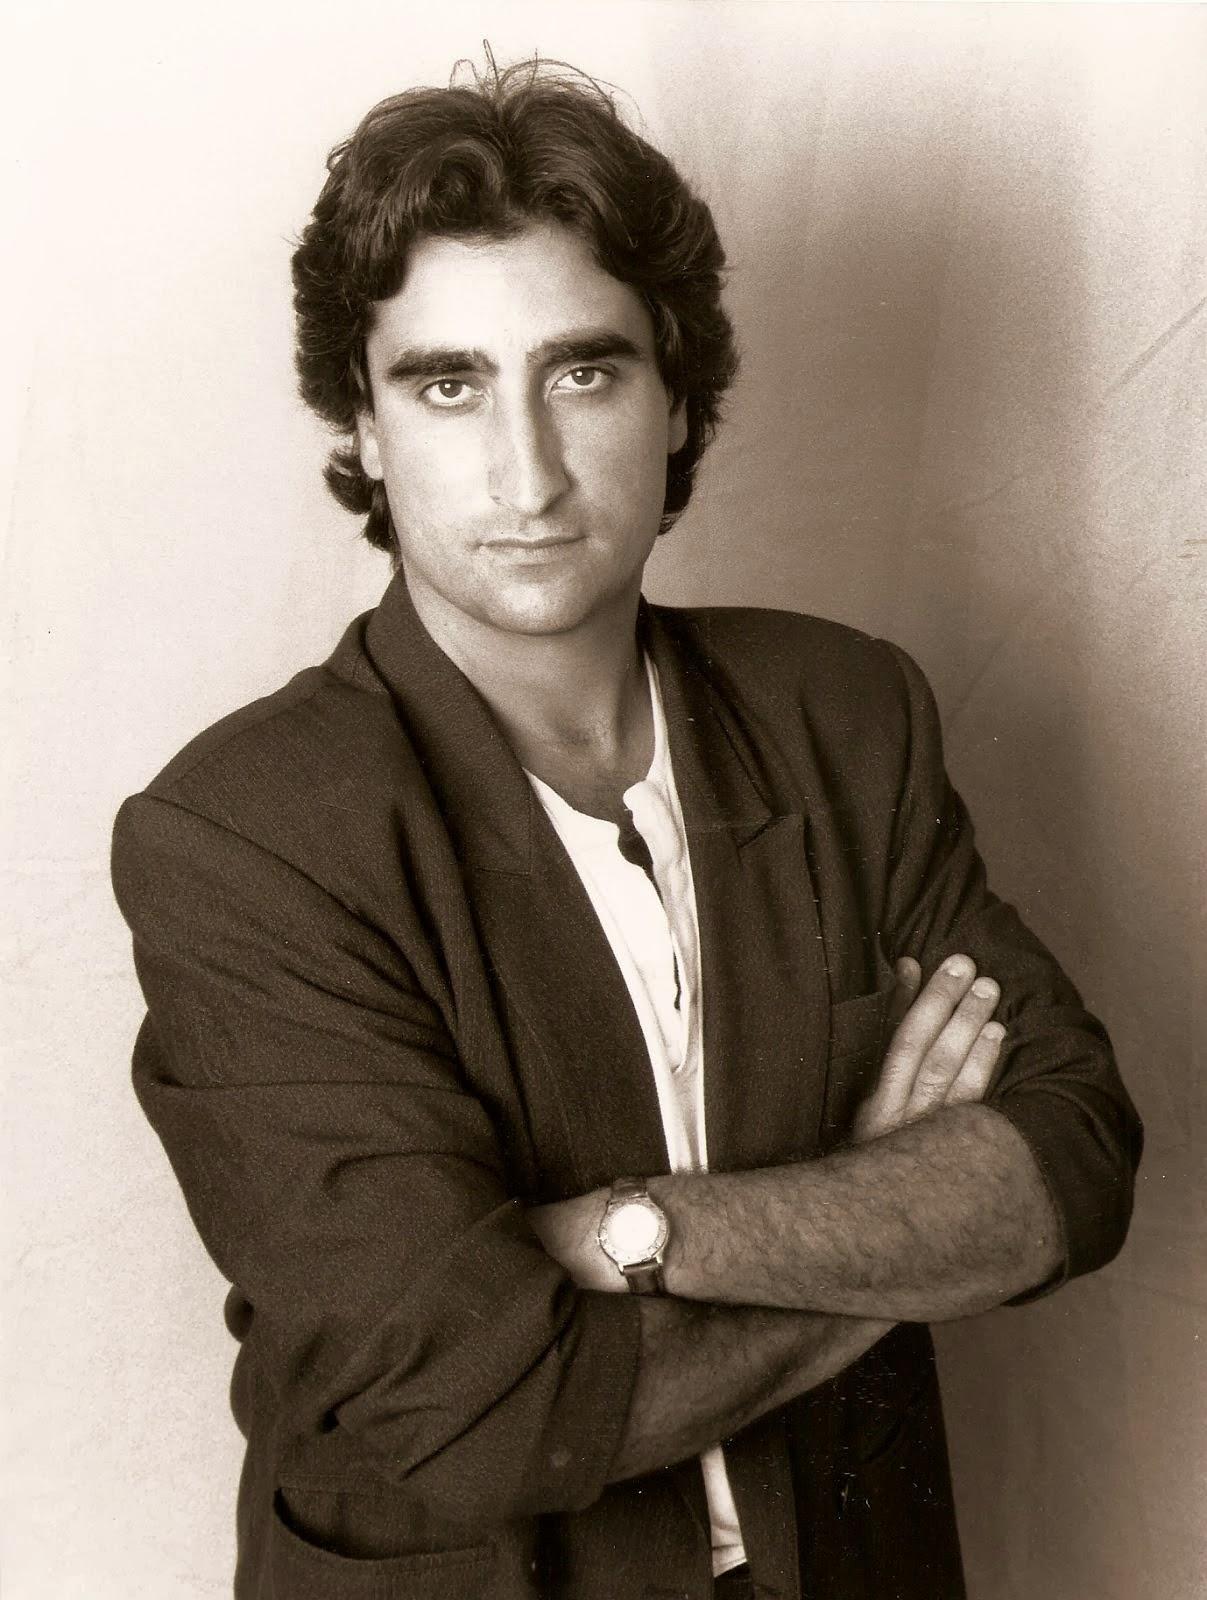 Foto promocional de 1989